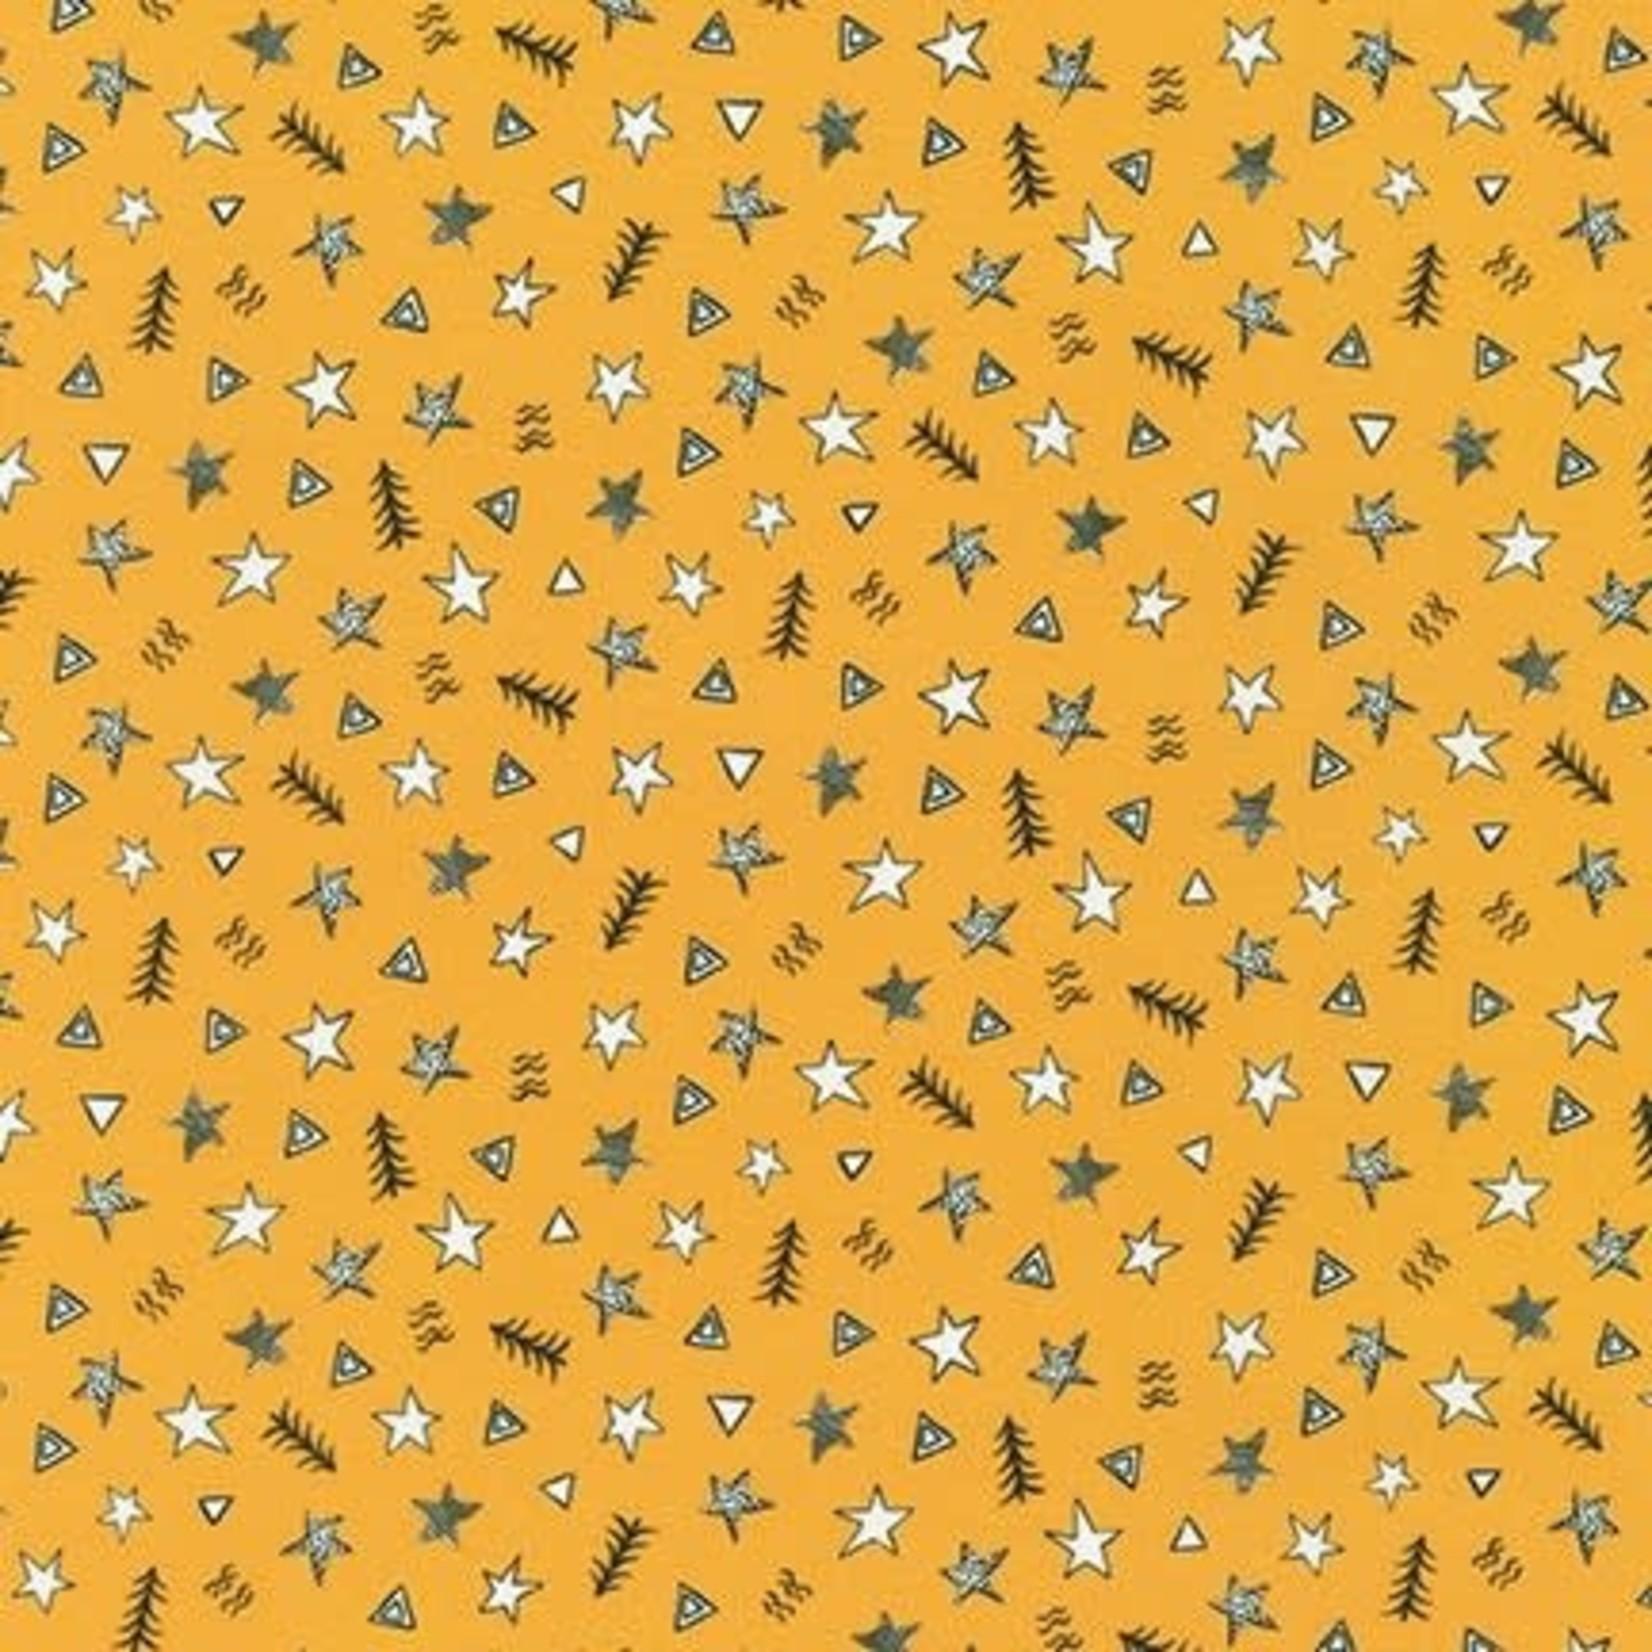 ROBERT KAUFMAN NEIGHBOURHOOD PALS, Stars on Yellow, Per Cm or $19/m